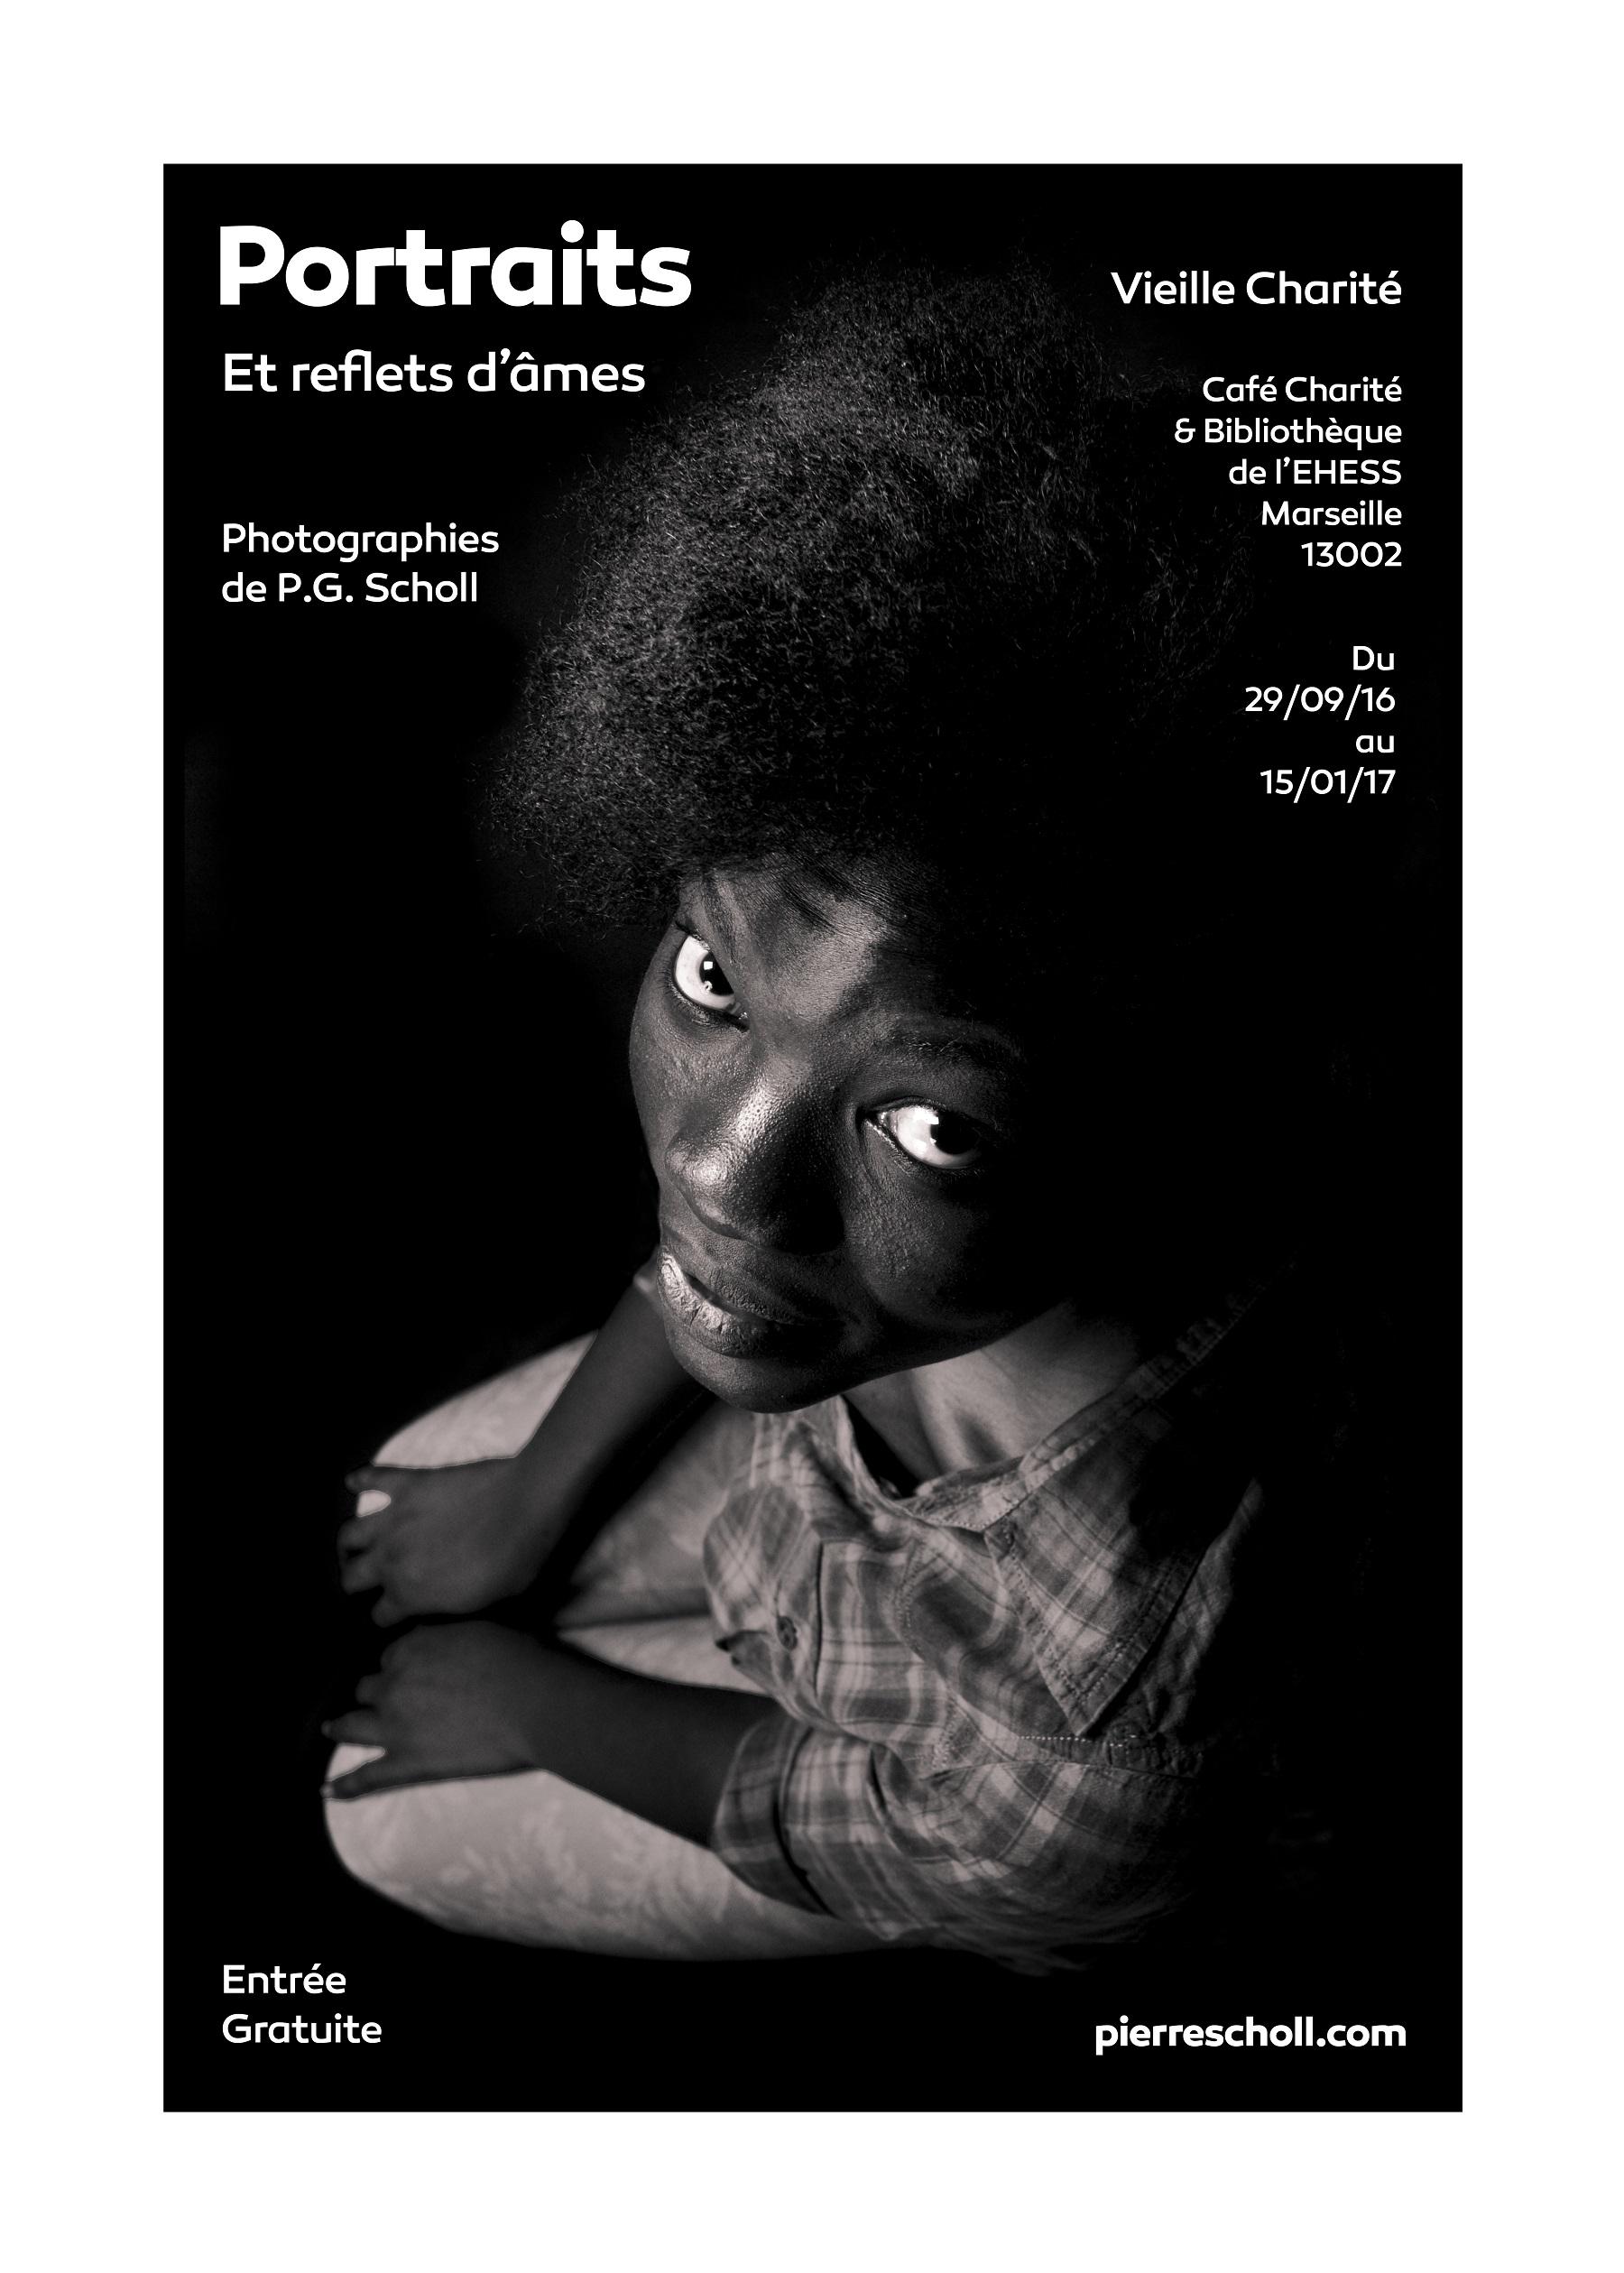 Expositon Portraits et reflets d'âmesPierre Scholl